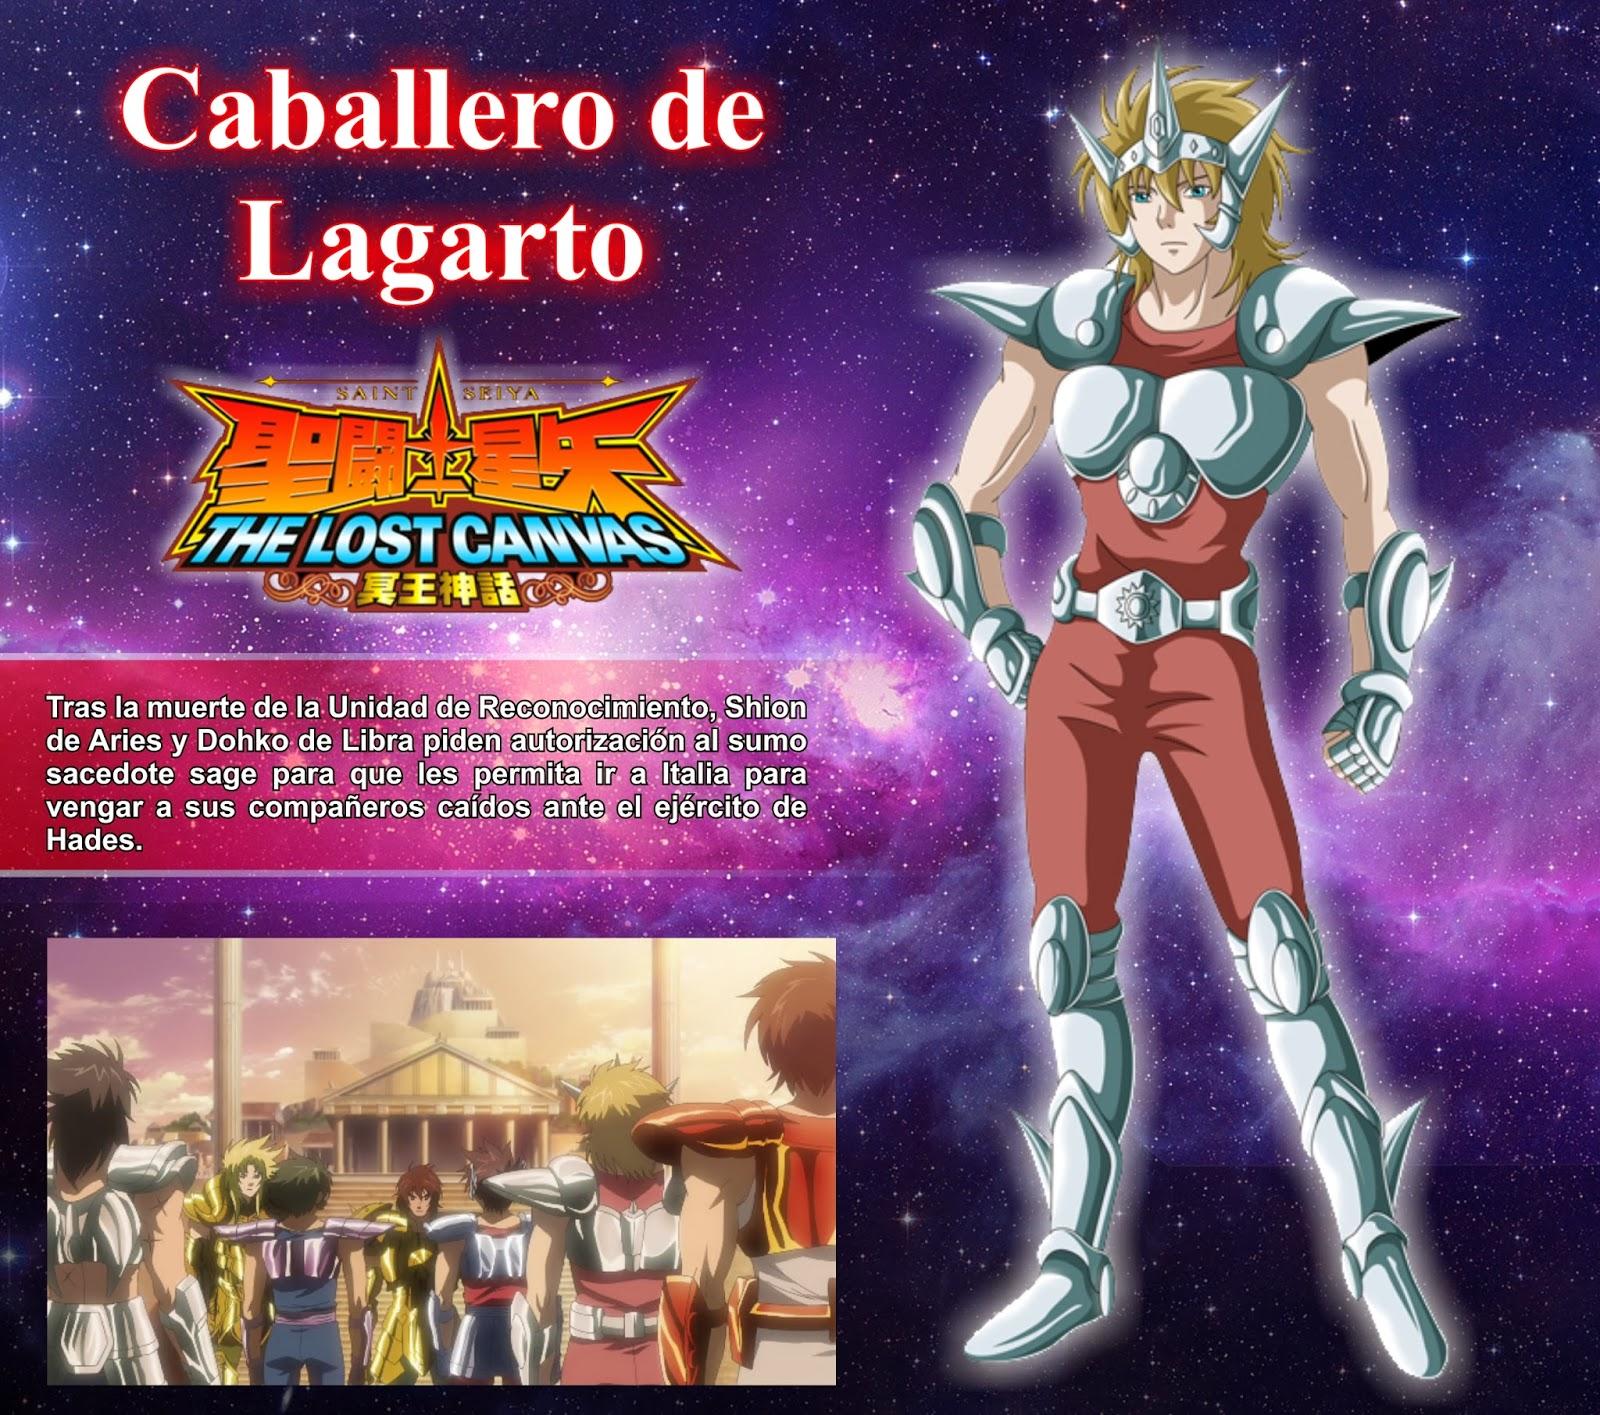 Caballero+de+Lagarto.jpg